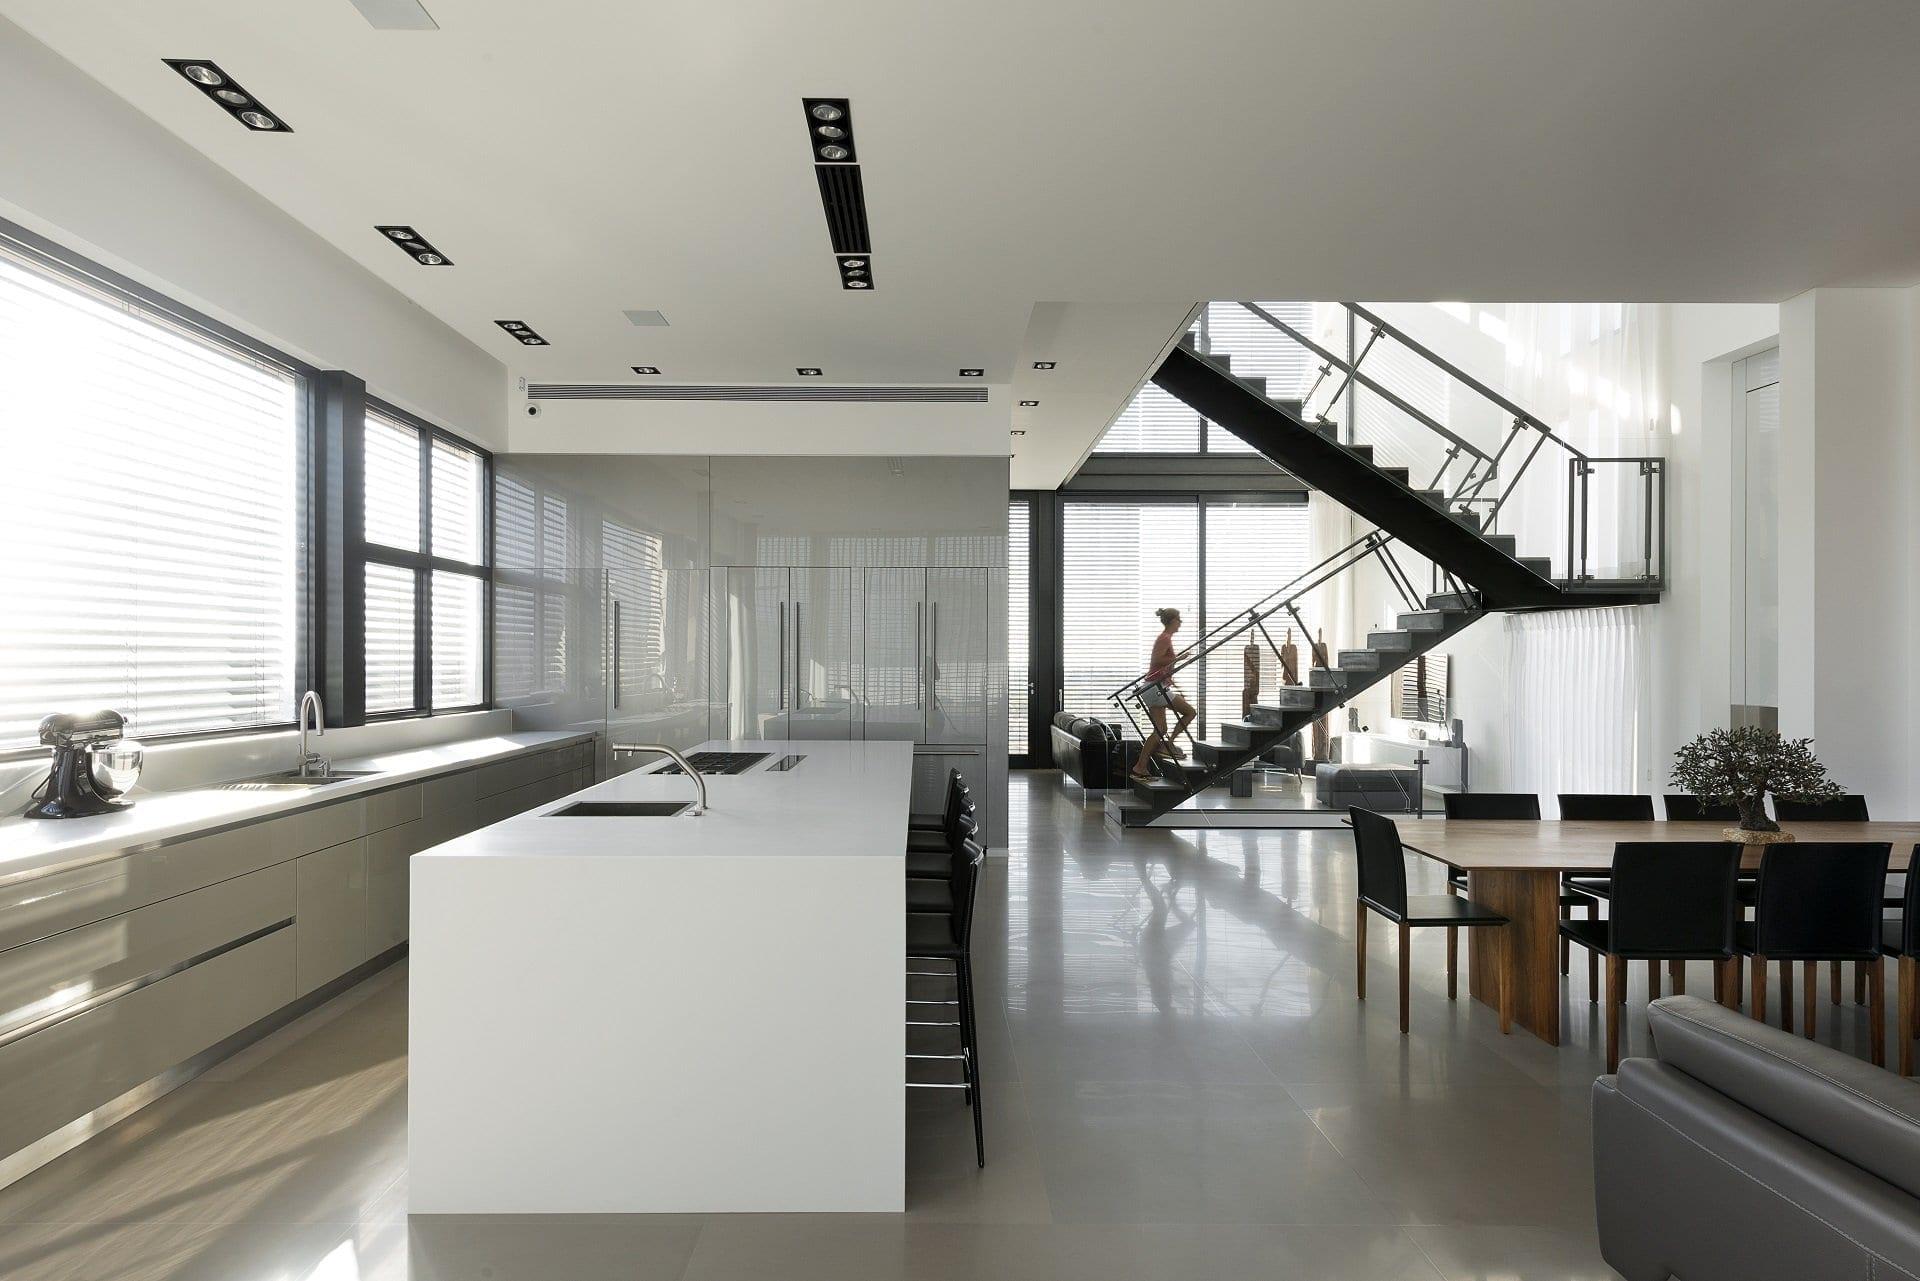 מטבח לבן זכוכית - דגם לבן צבע וזכוכית